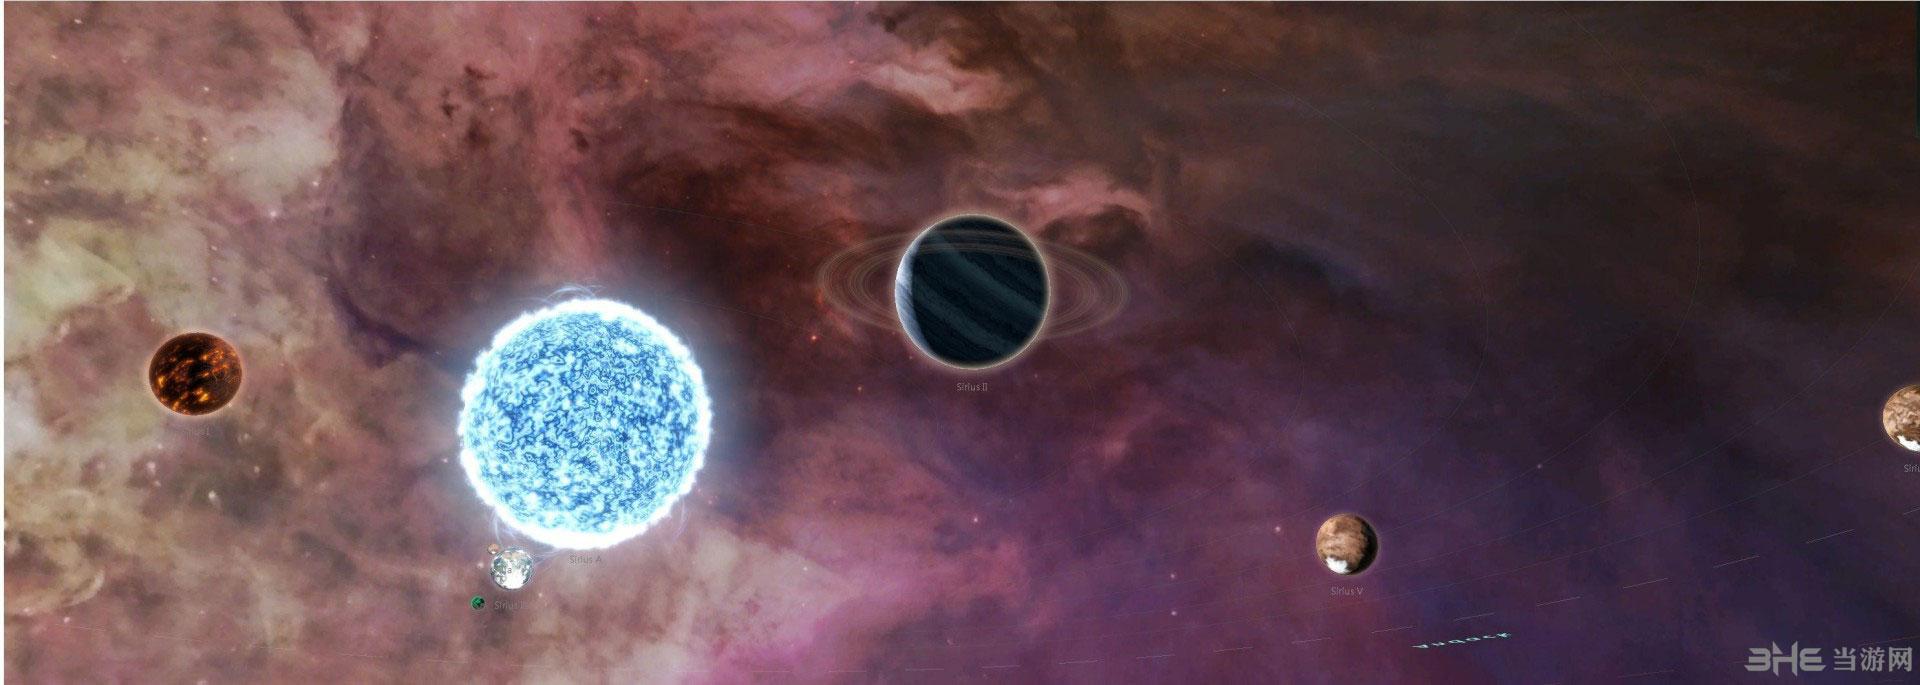 群星工作坊五星好评的美丽宇宙背景图MOD截图1